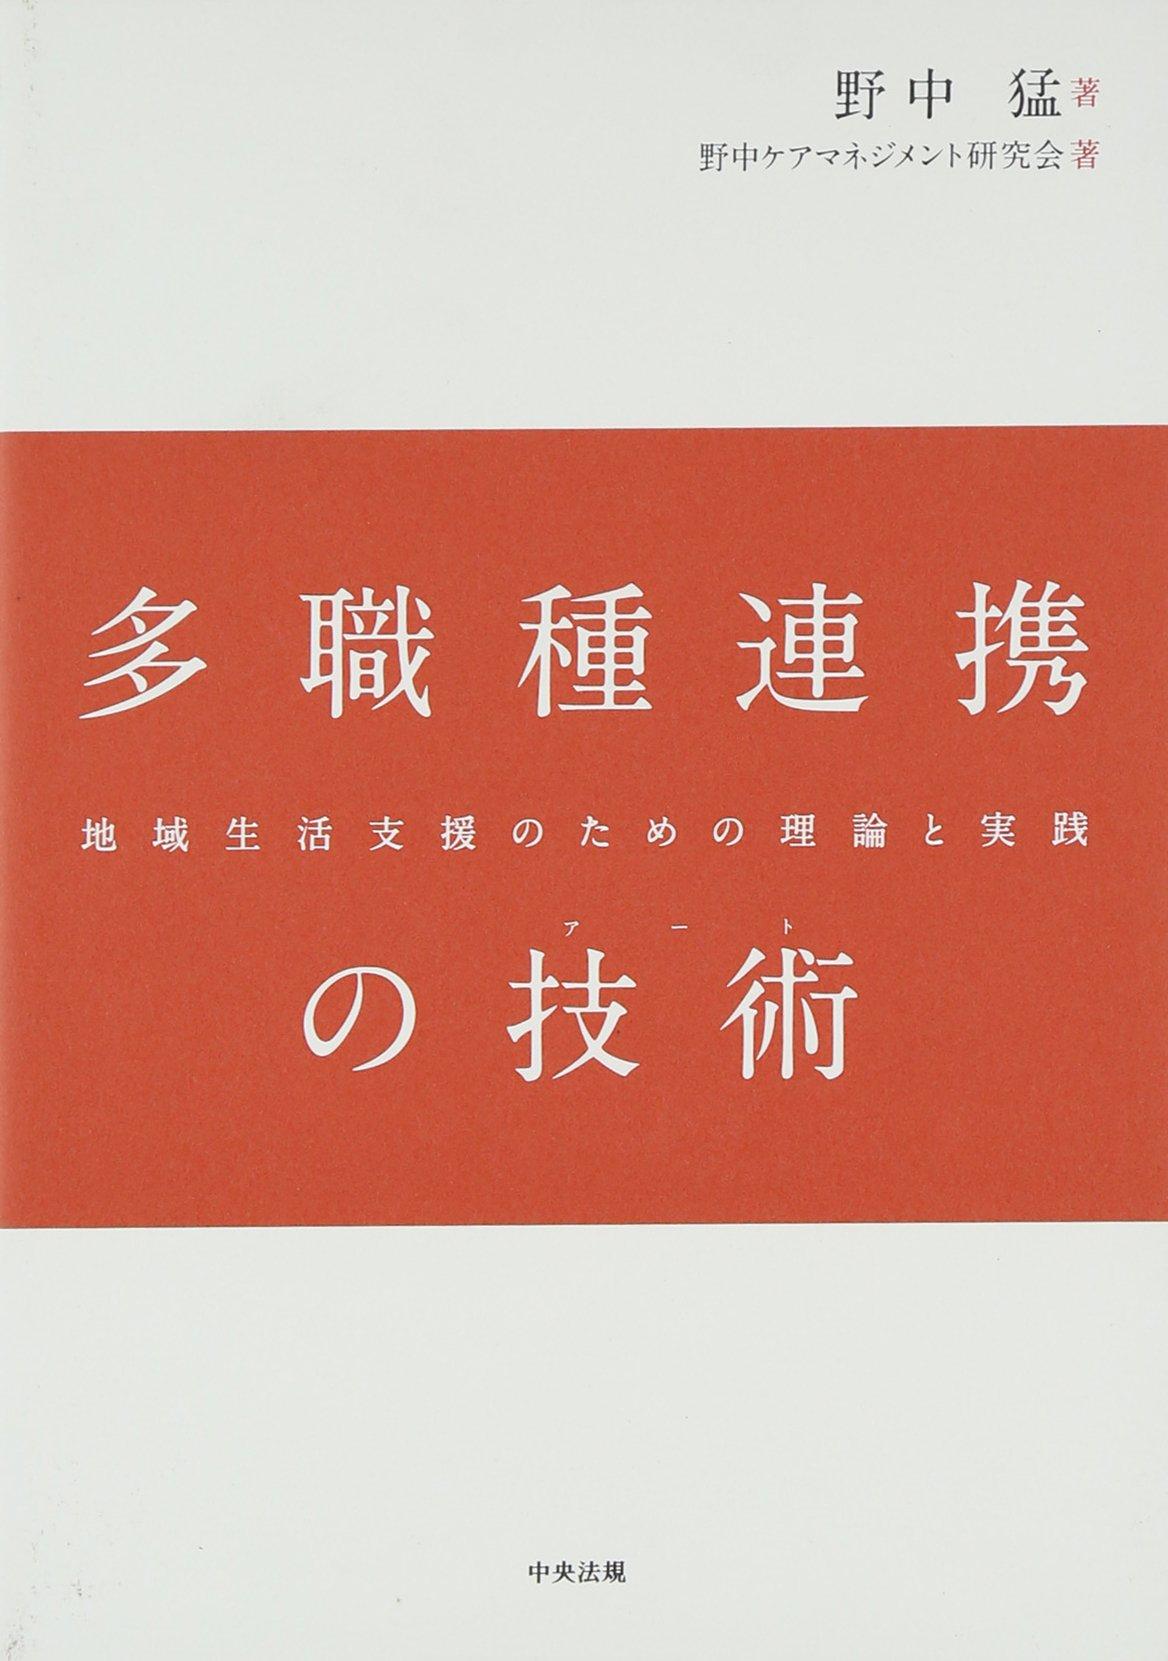 Download Tashokushu renkei no ato : Chiki seikatsu shien no tame no riron to jissen. pdf